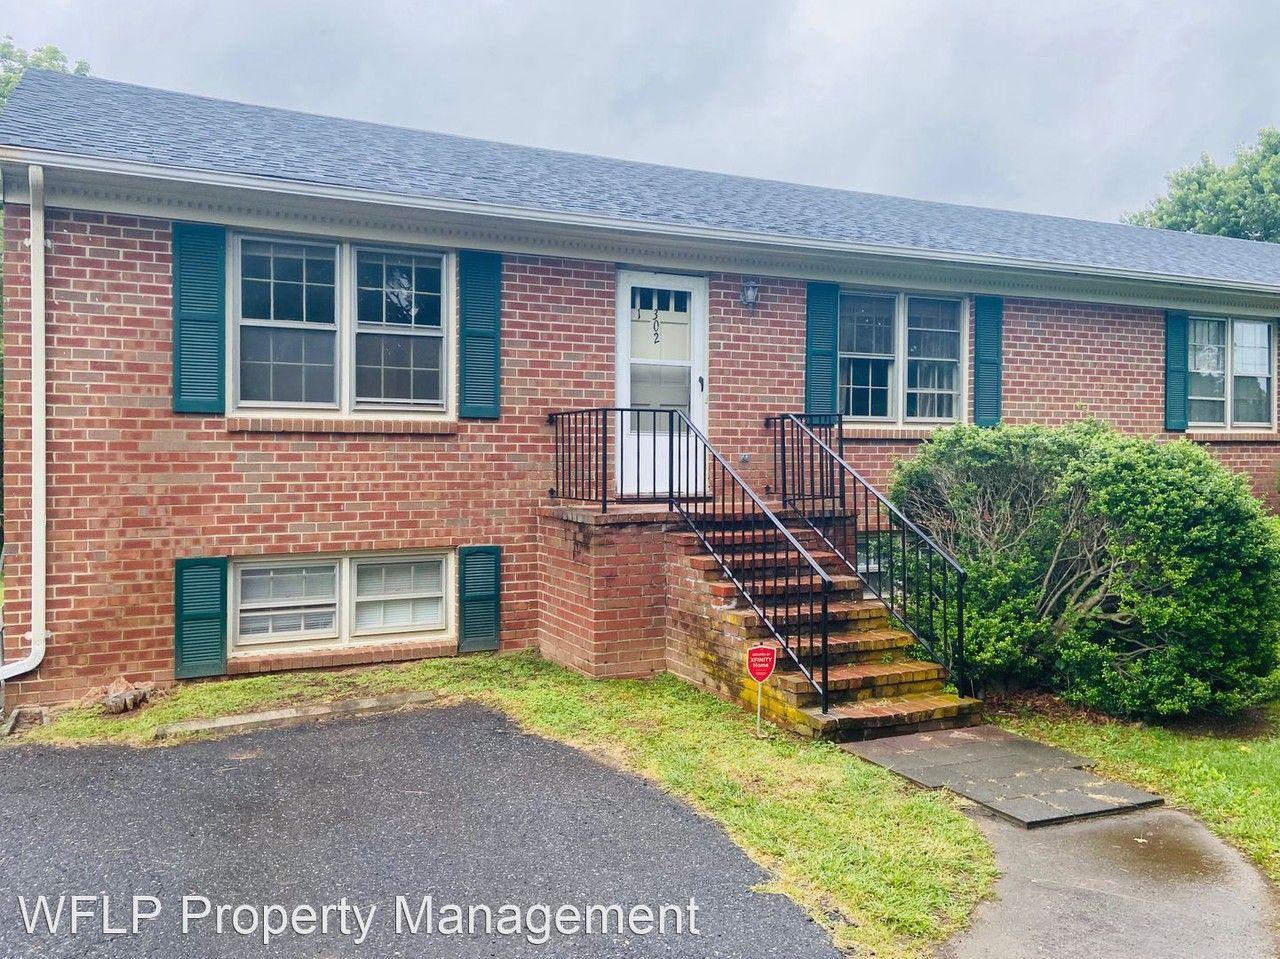 302 Fleetwood Dr. Apartments for Rent - 302 Fleetwood Dr ...